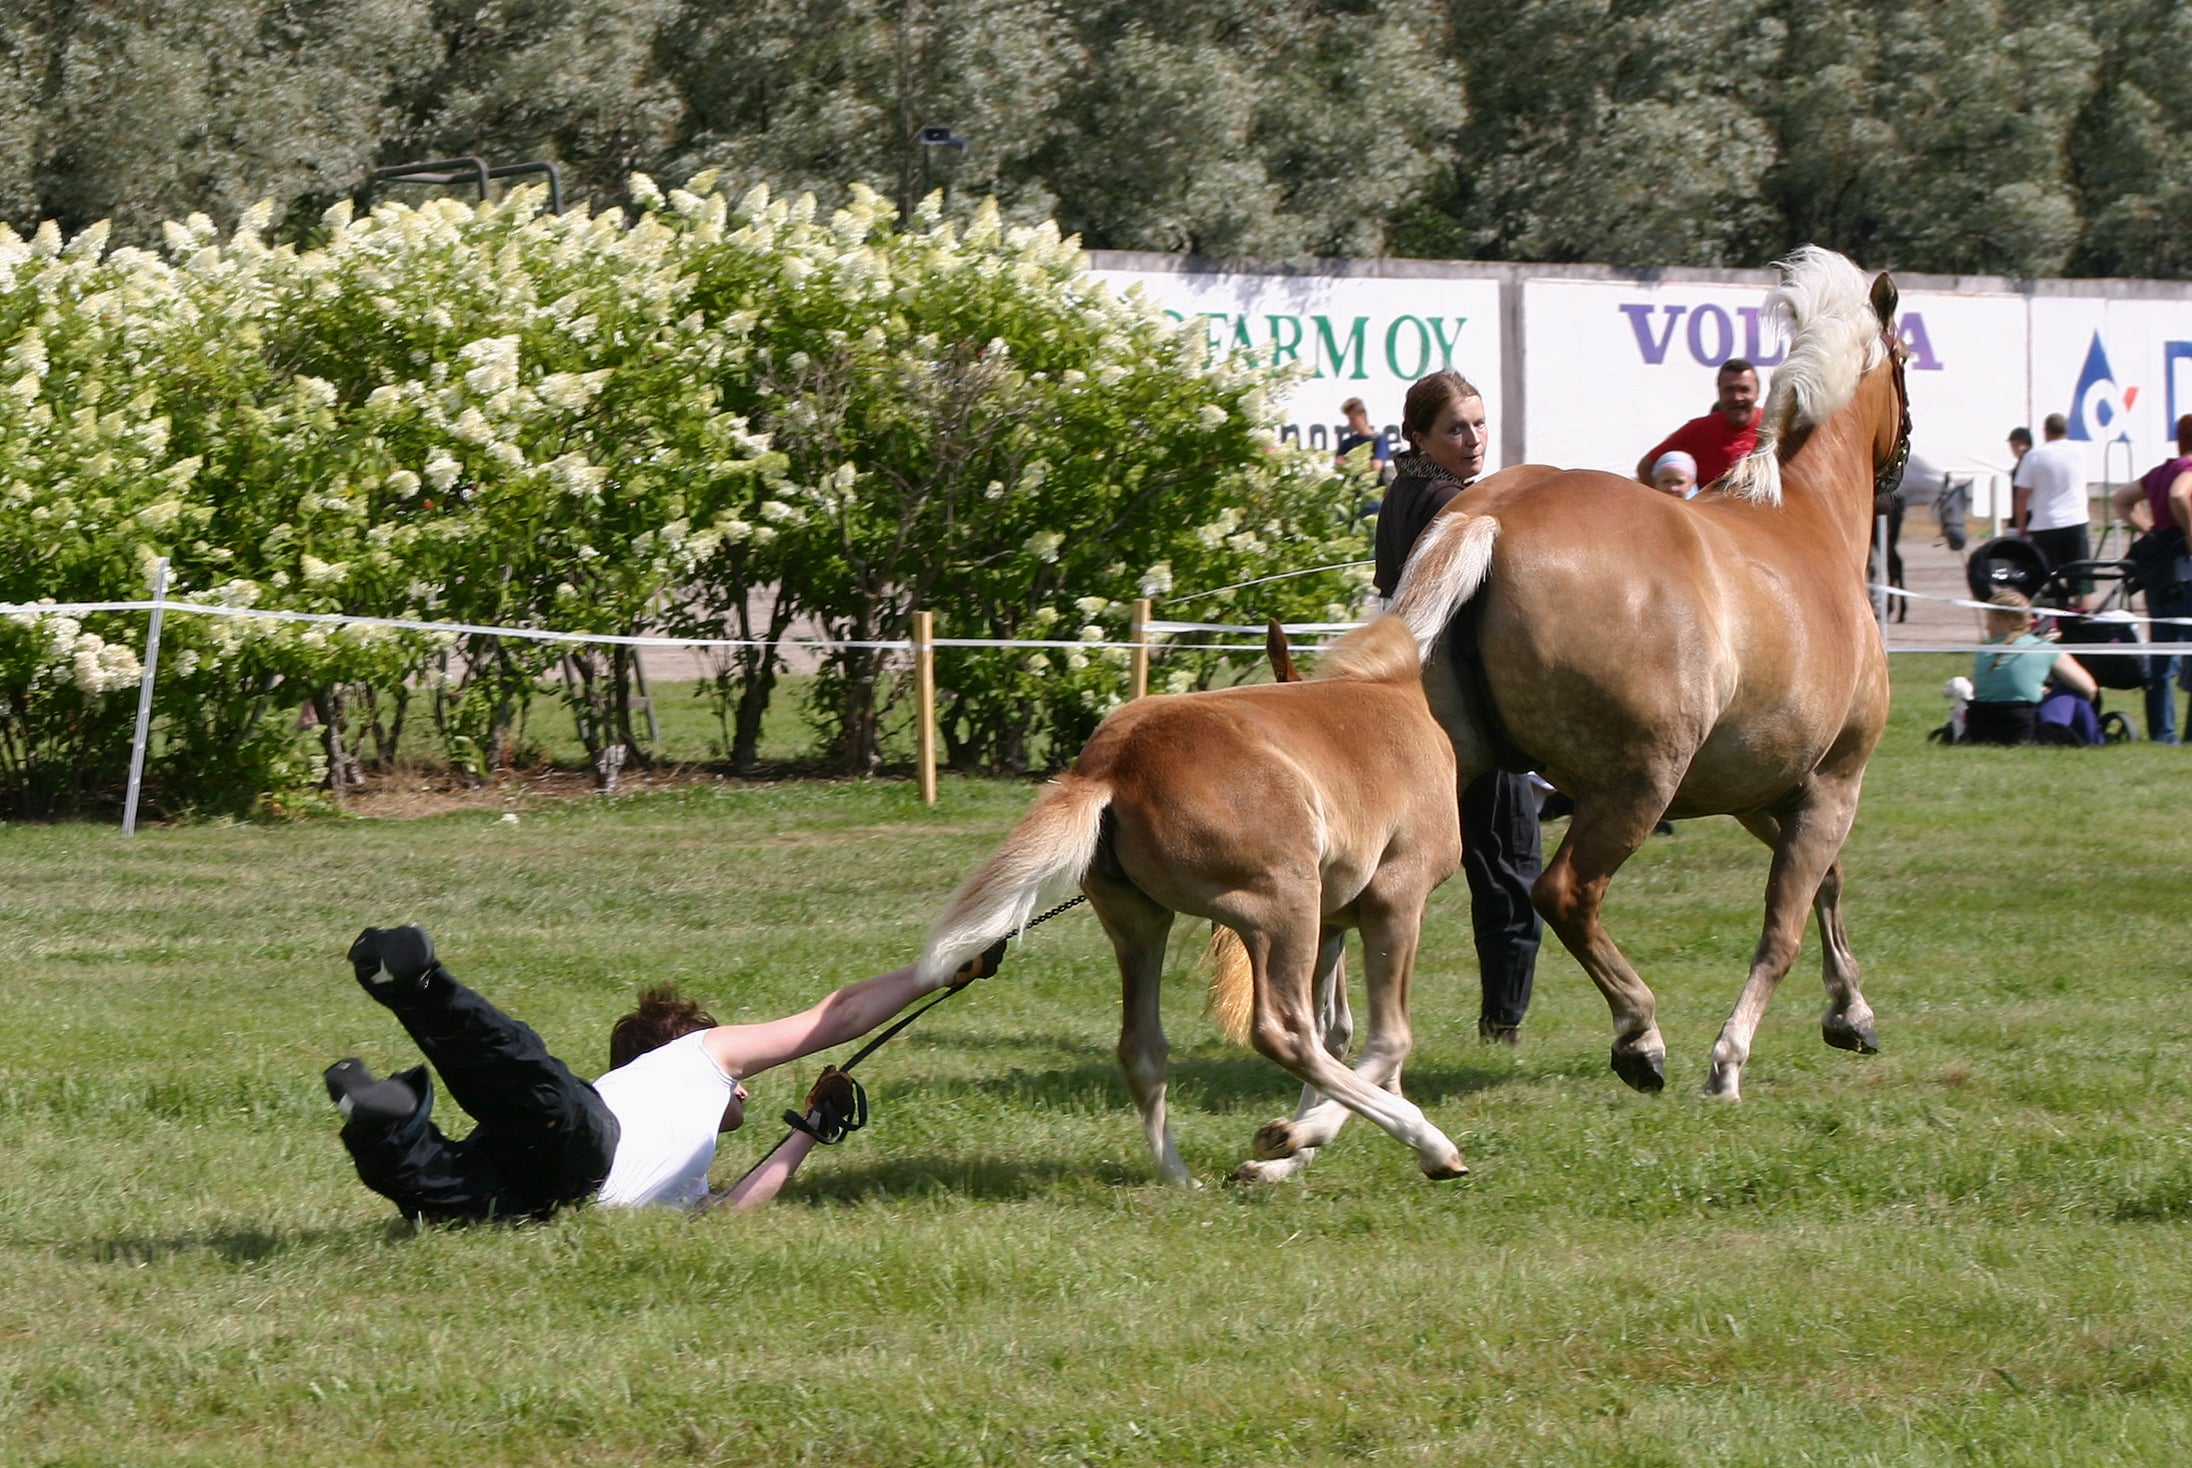 dragged-by-foal-min